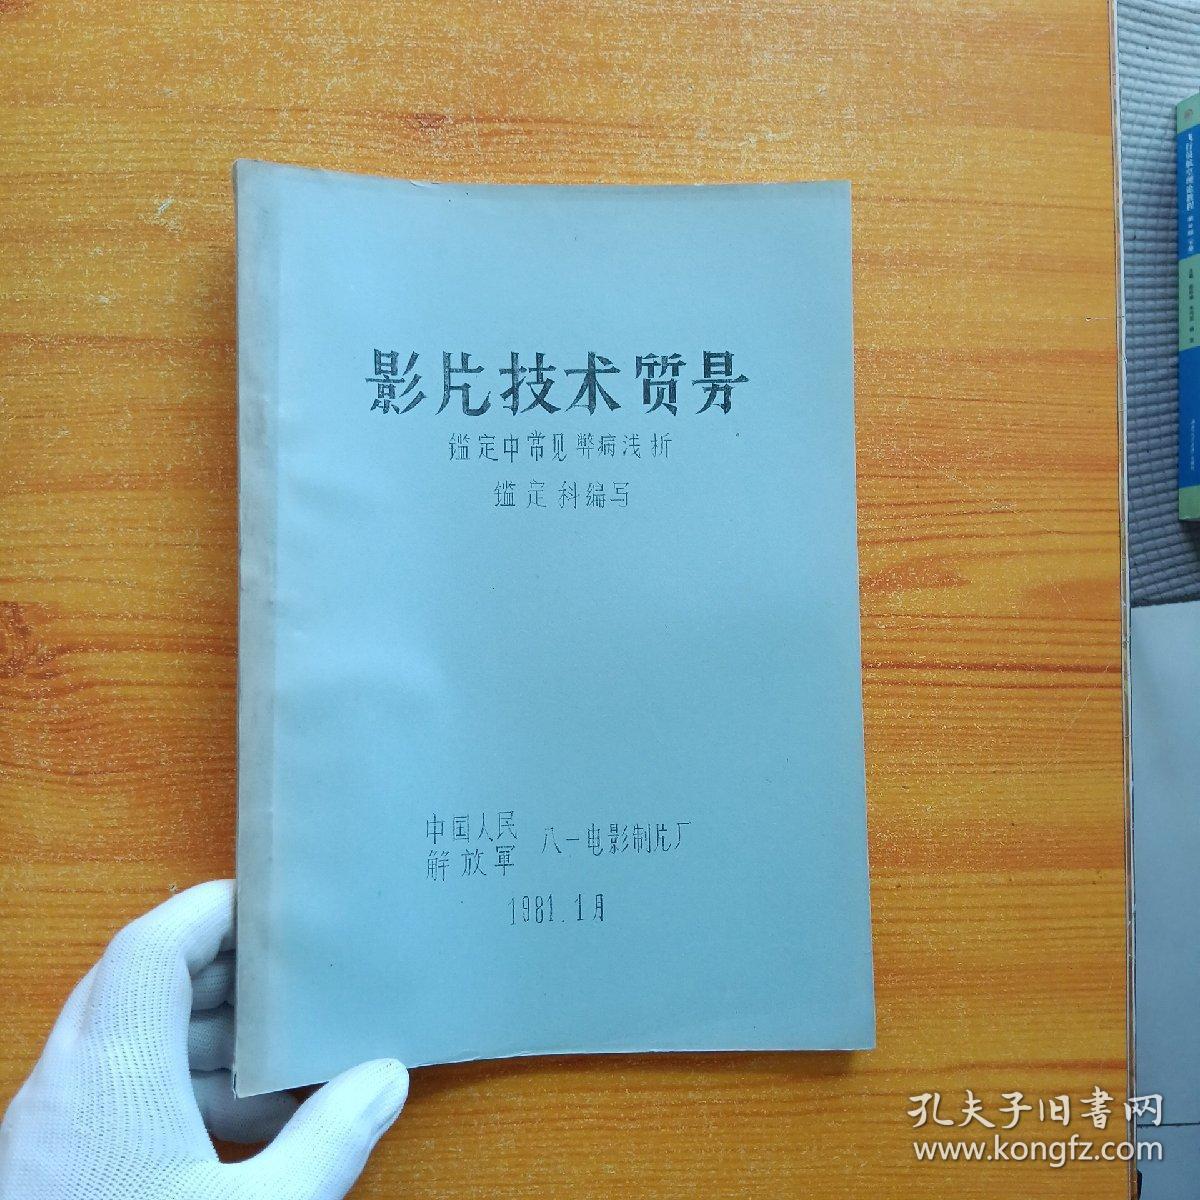 影片技术质量(鉴定中常见弊病浅析)【油印本】